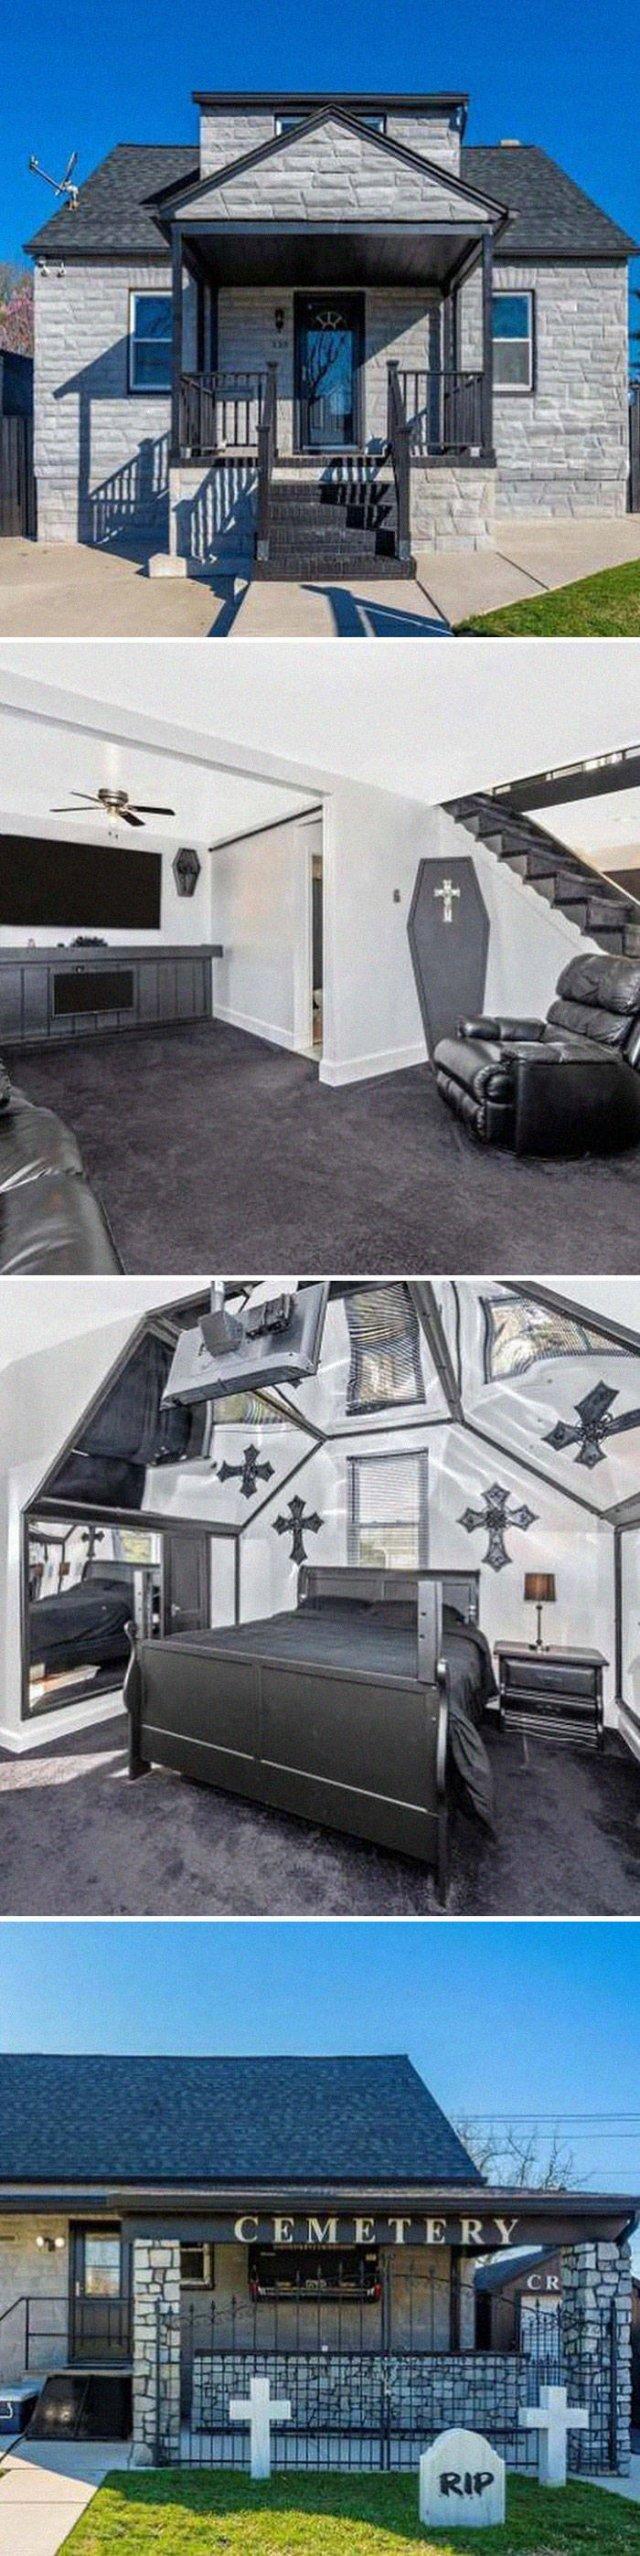 Weird Interiors (29 pics)